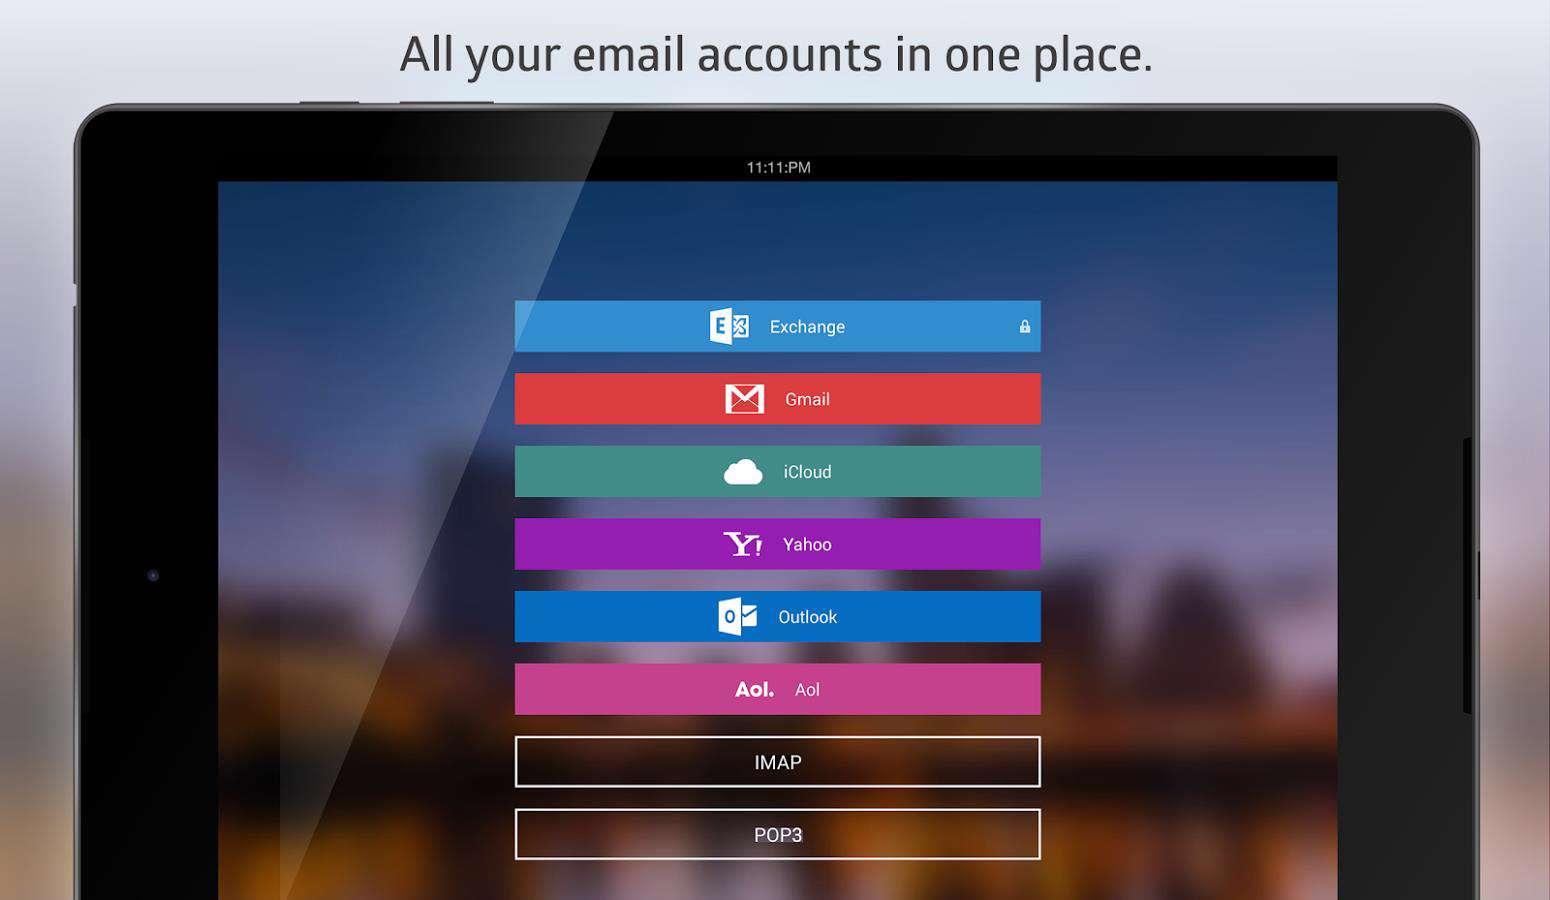 دانلود برنامه عالی مدیریت ایمیل ها Boxer Pro Free Email Inbox App 2.8.2 برای اندروید